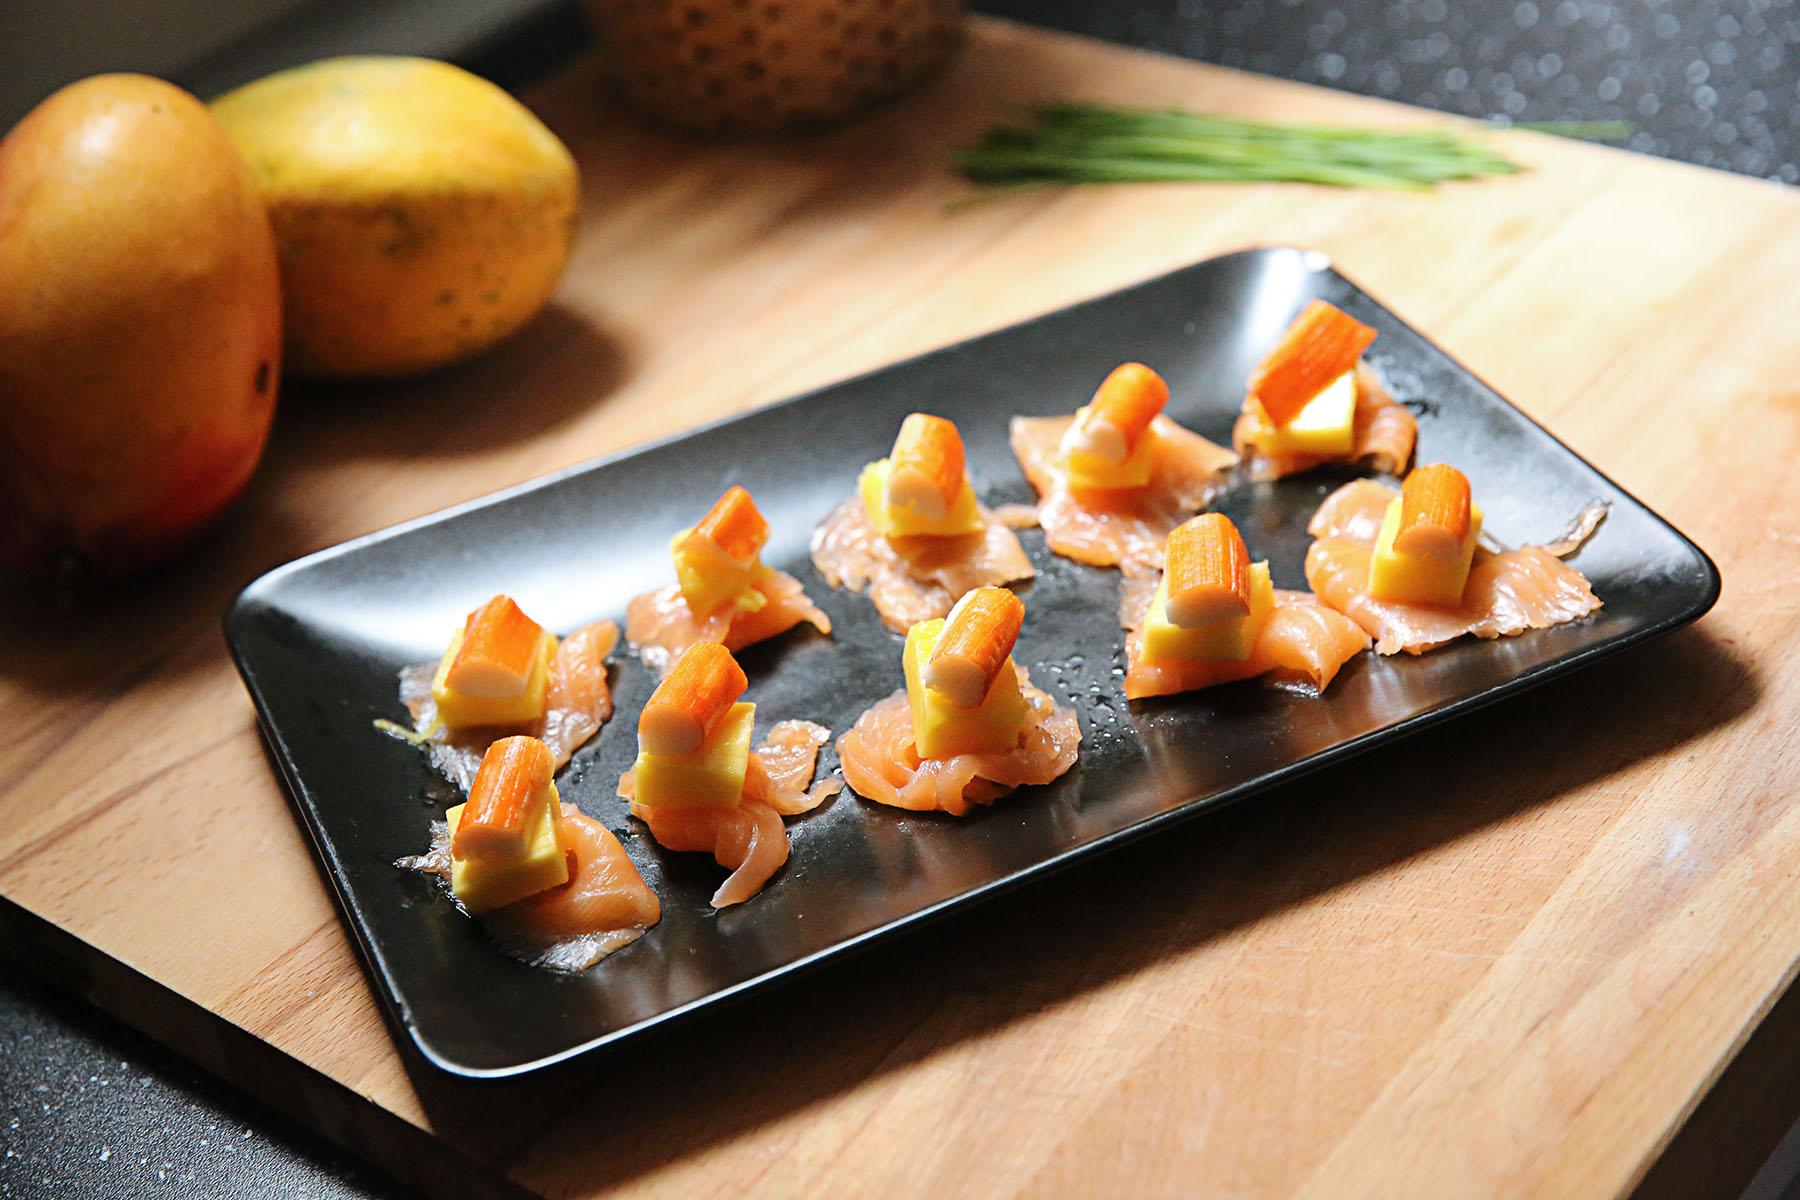 trendy-taste-blog-blogger-fashion-spain-moda-españa-cooking-recipes-recetas-krissia-trendycooking-10